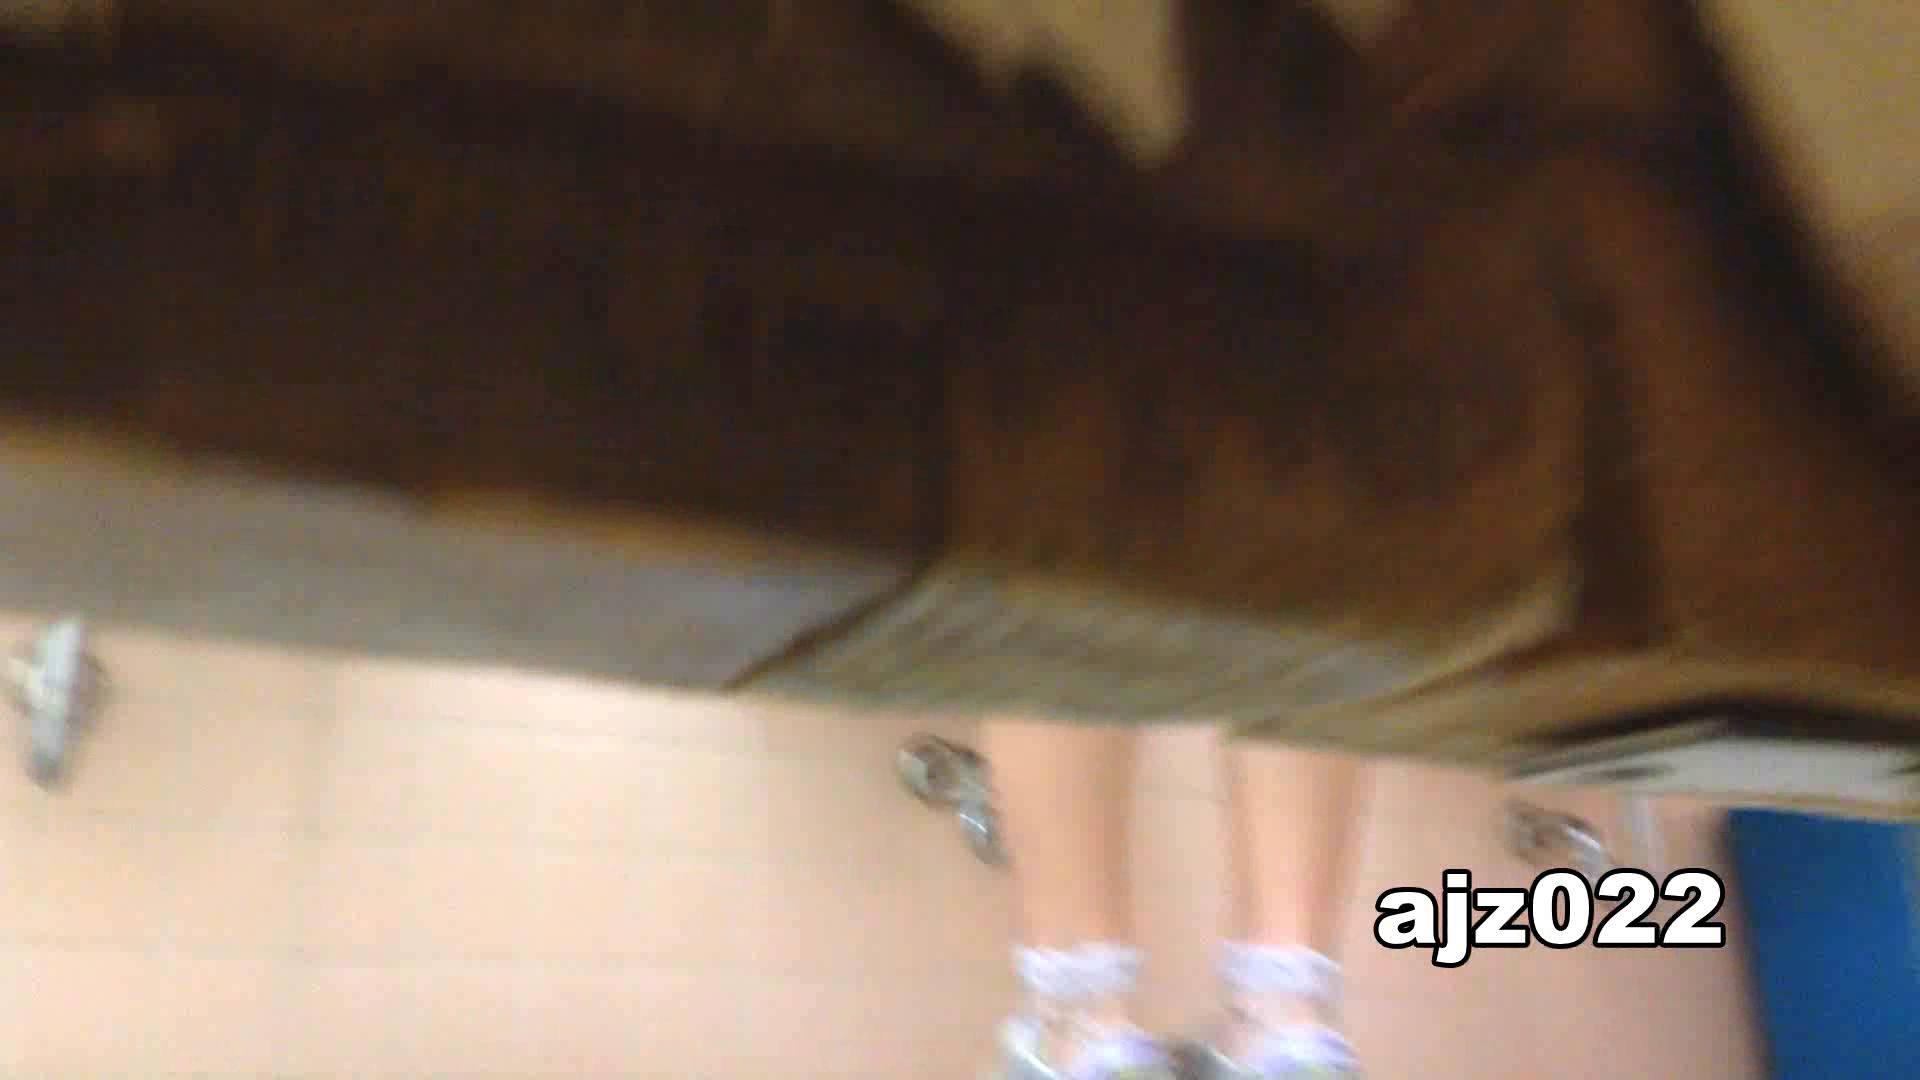 某有名大学女性洗面所 vol.22 和式トイレ ワレメ無修正動画無料 107pic 107